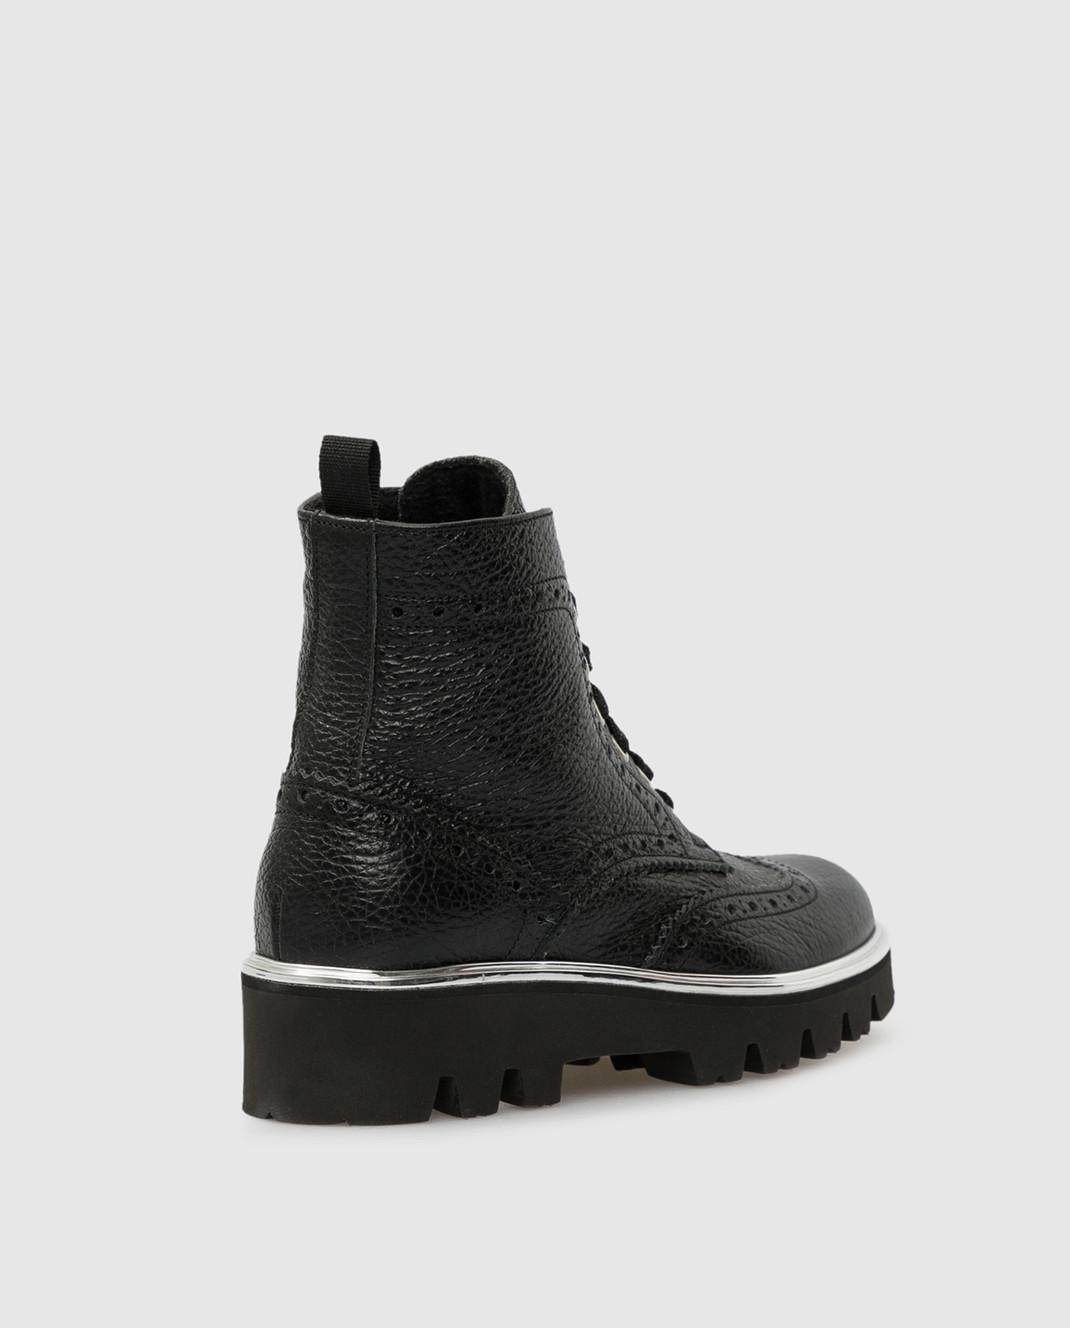 Zecchino D'oro Детские черный ботинки R0868013032 изображение 3